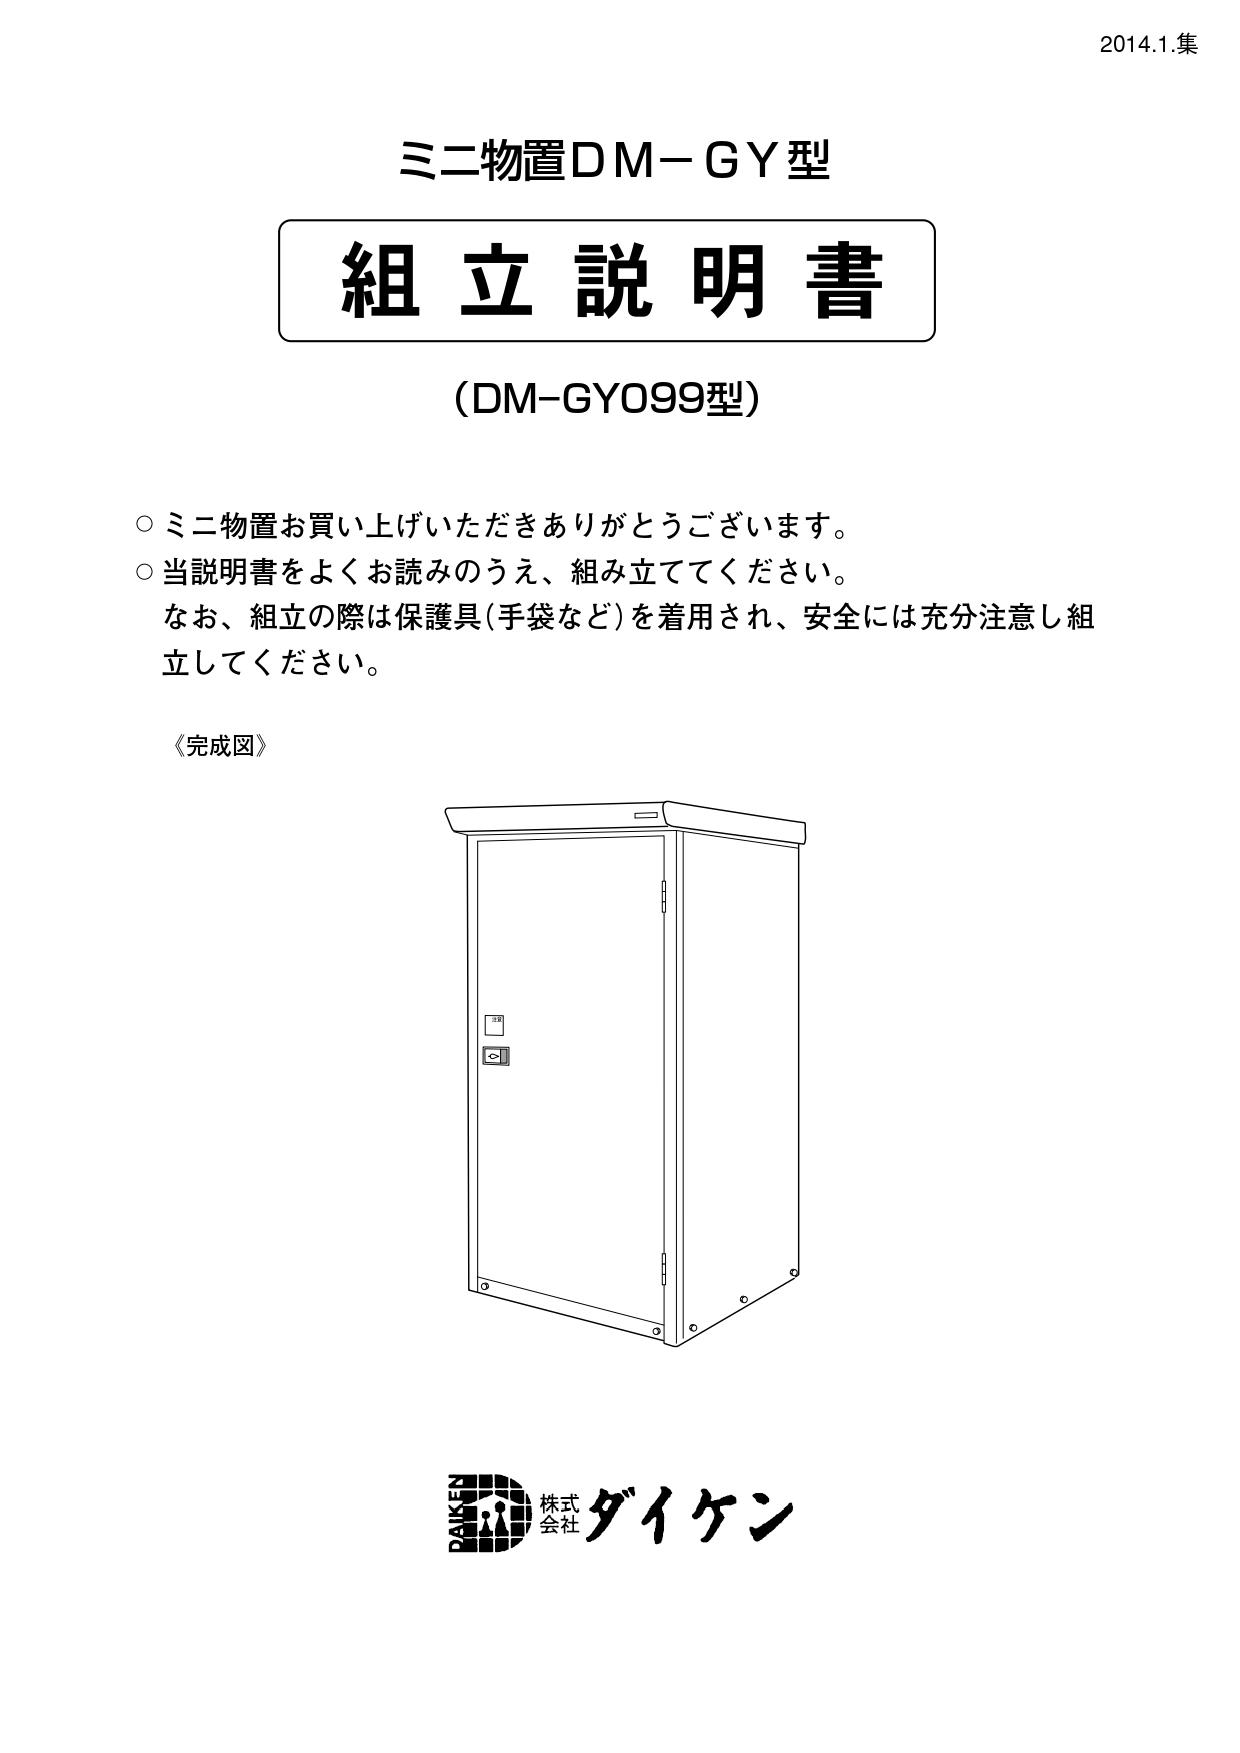 小型物置DM-GY099 組み立て説明書_page-0001